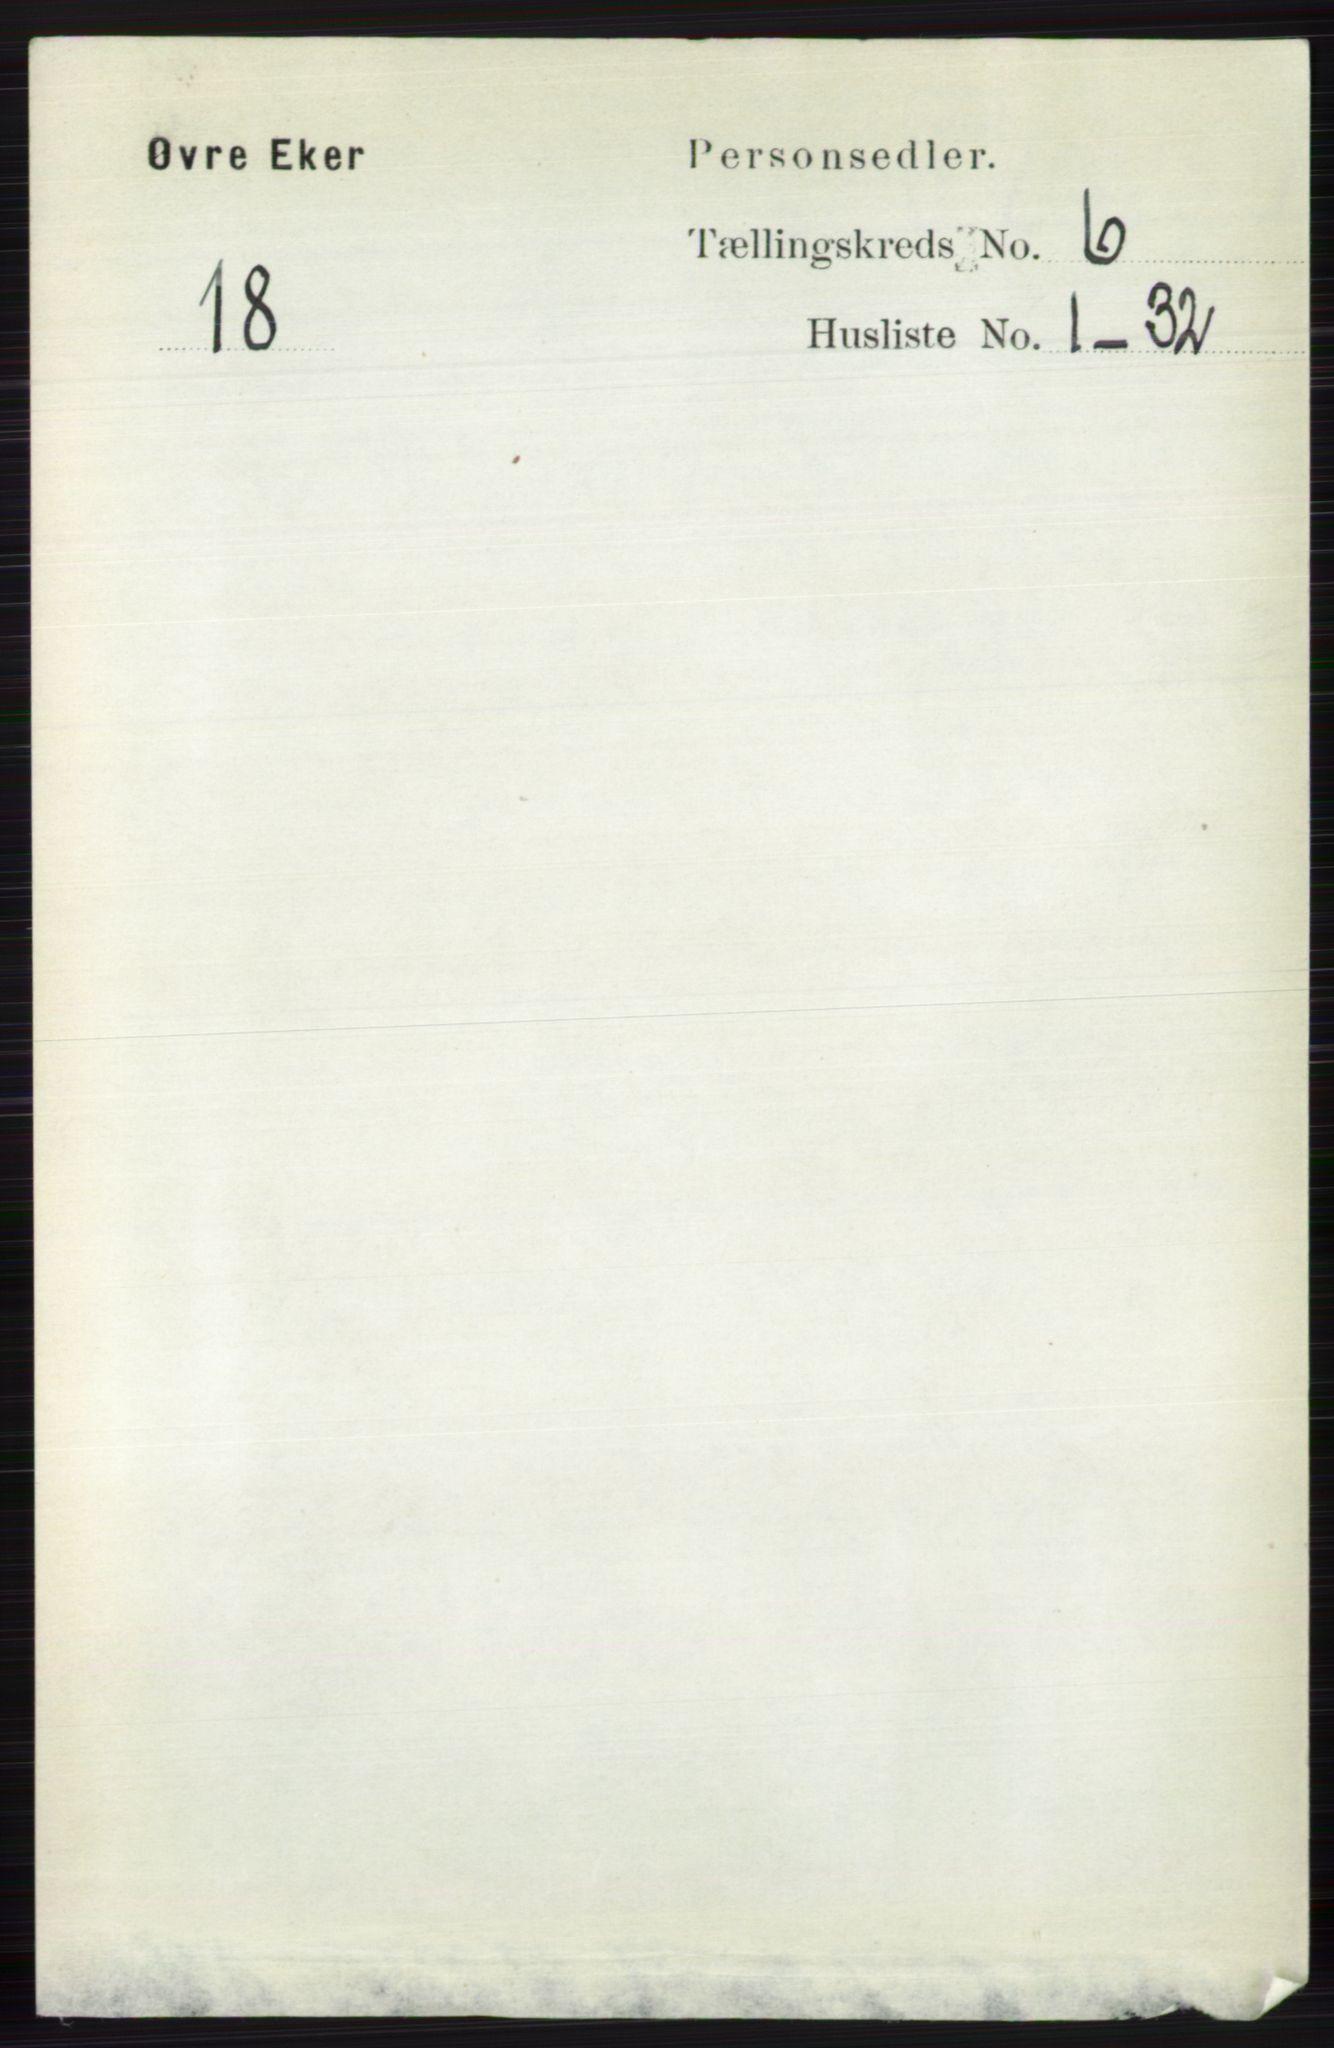 RA, Folketelling 1891 for 0624 Øvre Eiker herred, 1891, s. 2238